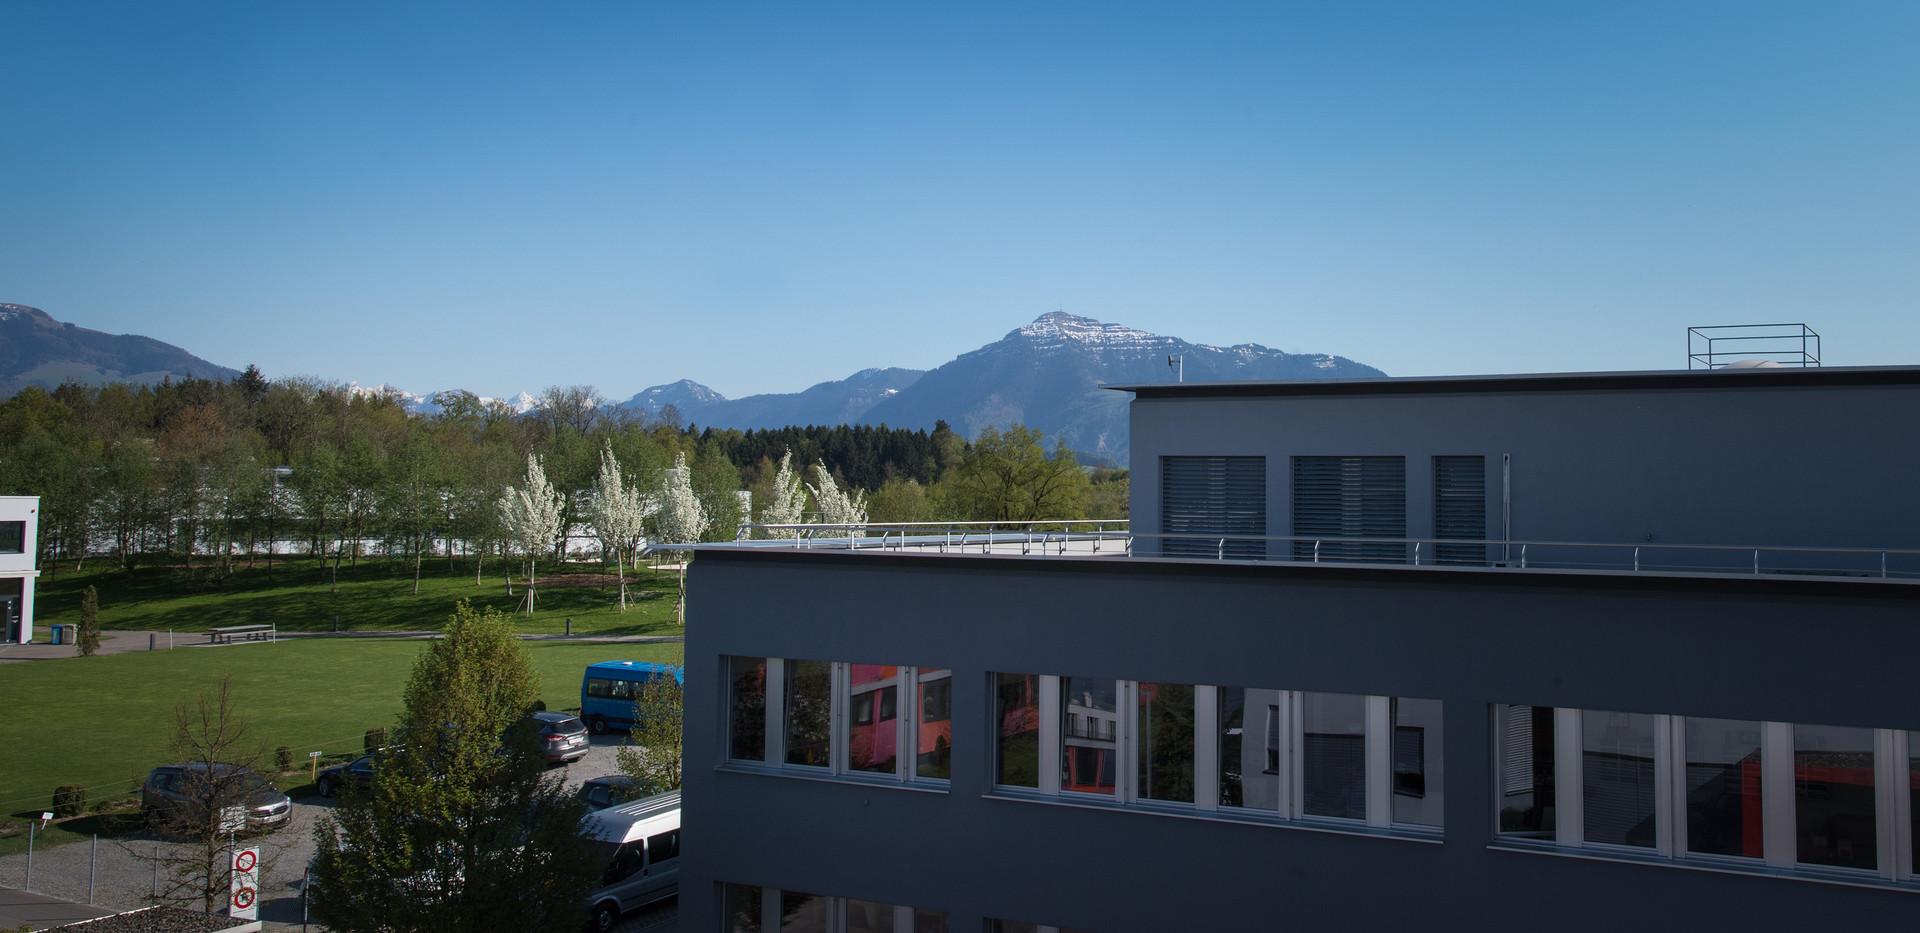 Der Böschpark und die Rigi  /  The Böschpark and the Rigi